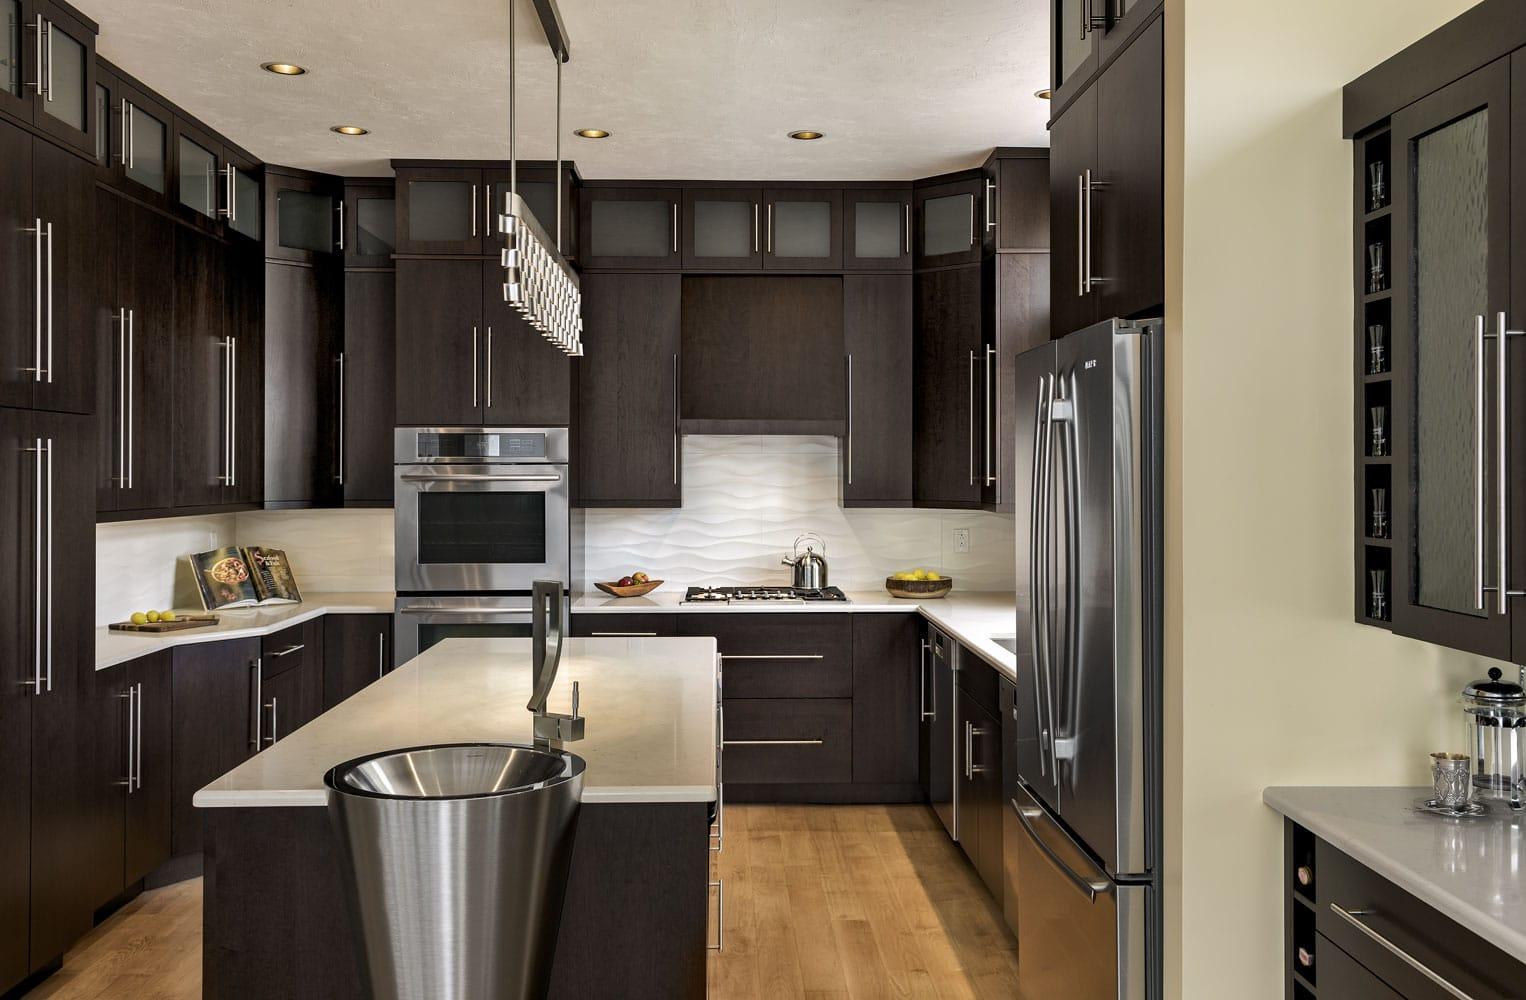 waterville-valley-nh-kitchen-interior